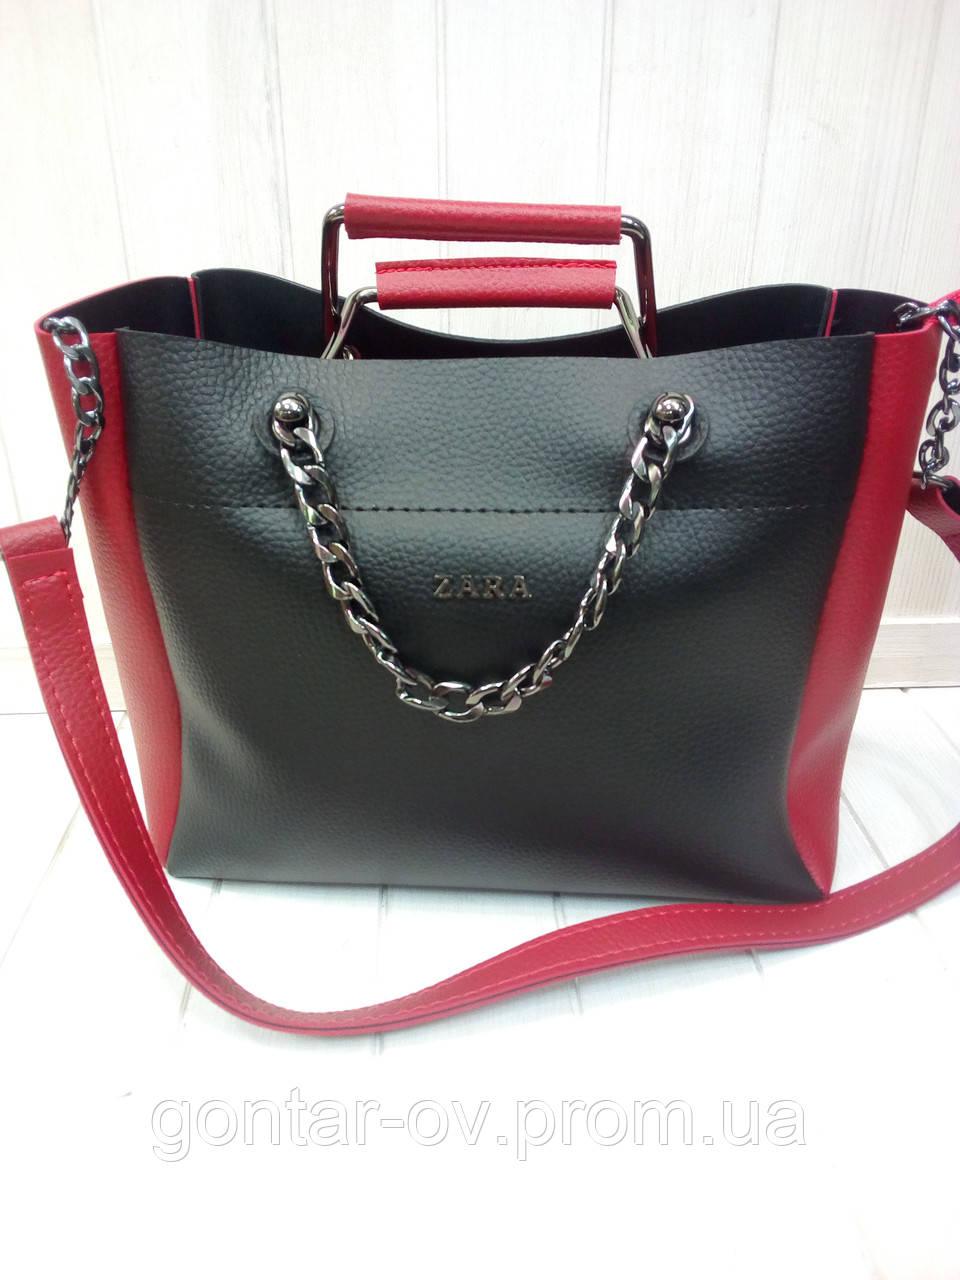 Женская сумка Zara черно-красная